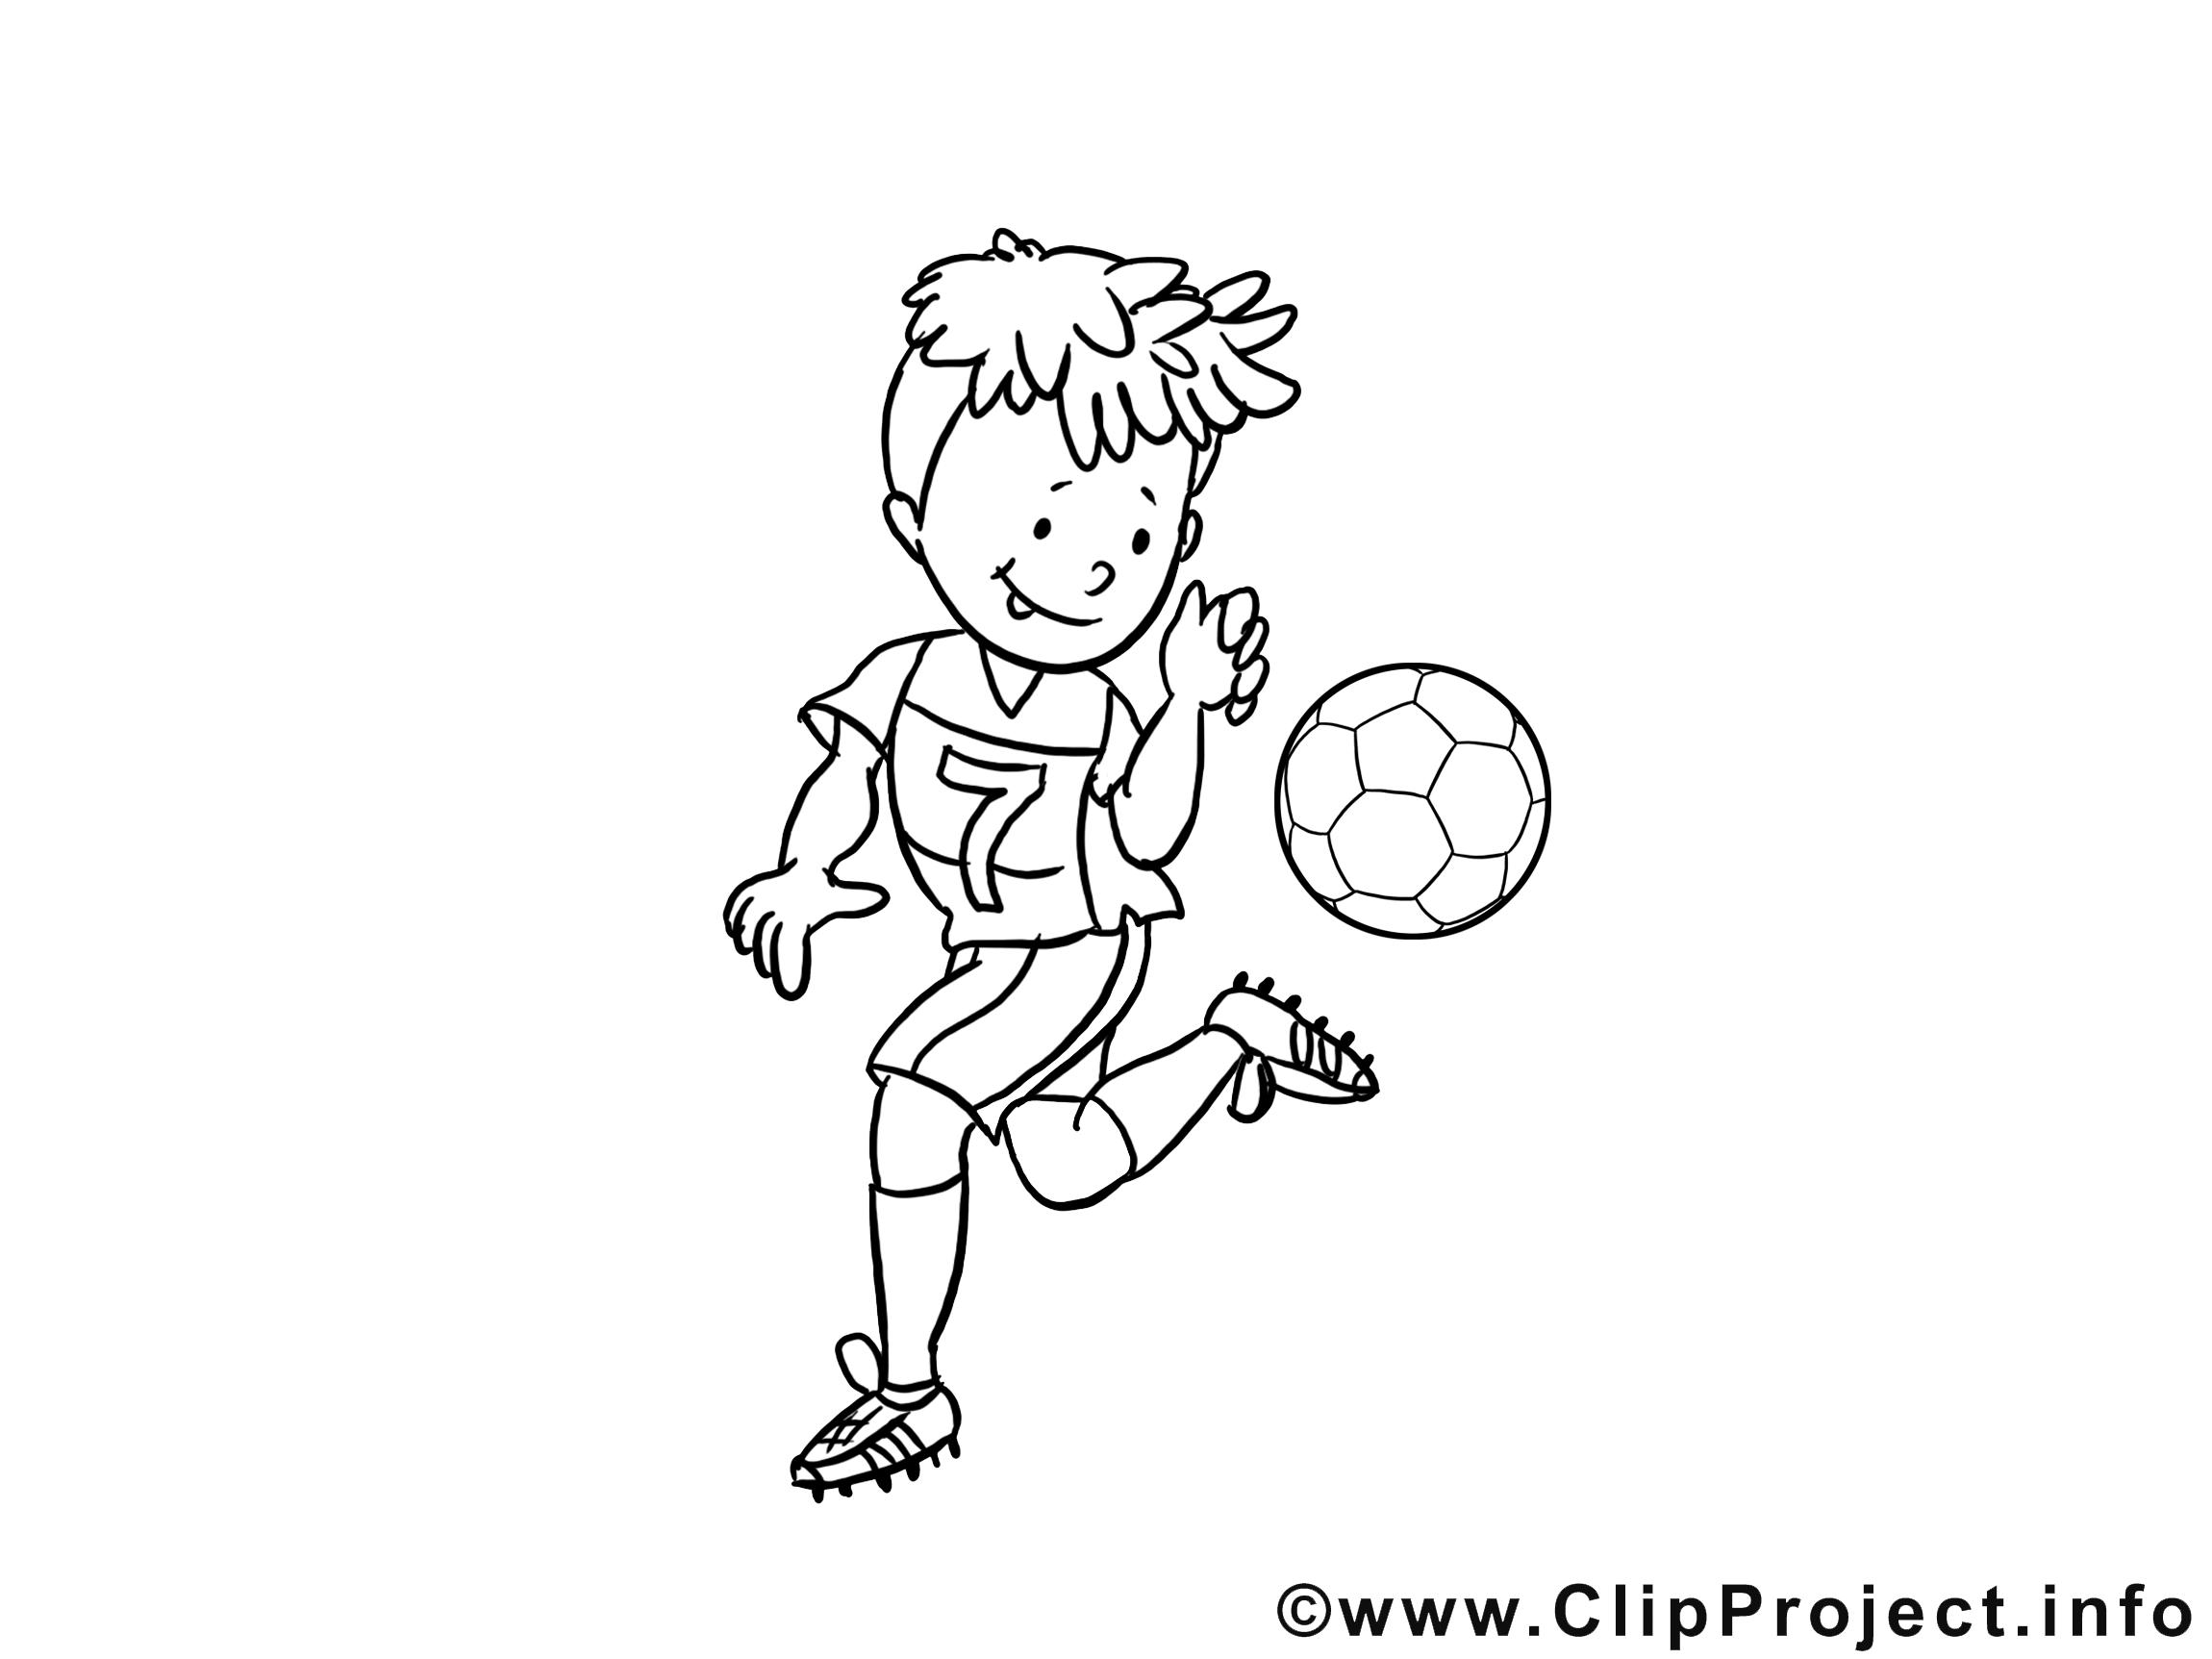 Dessin à imprimer - Football images